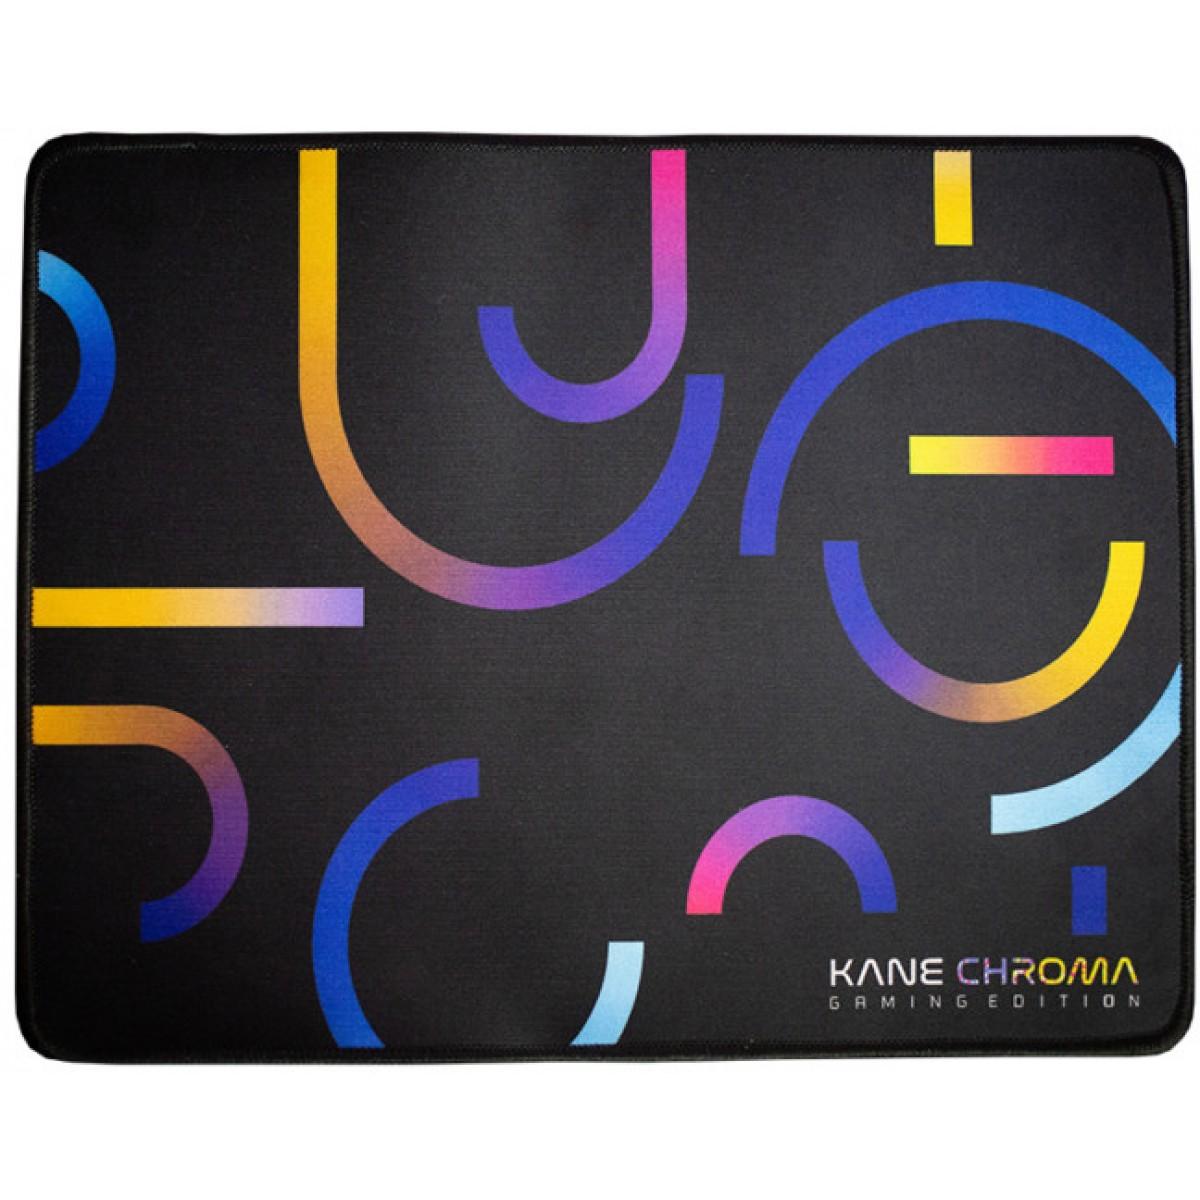 Combo Gamer Hoopson Kame Kroma 4 em 1, Teclado, Mouse, Headset e Mousepad, Black, TPC-051